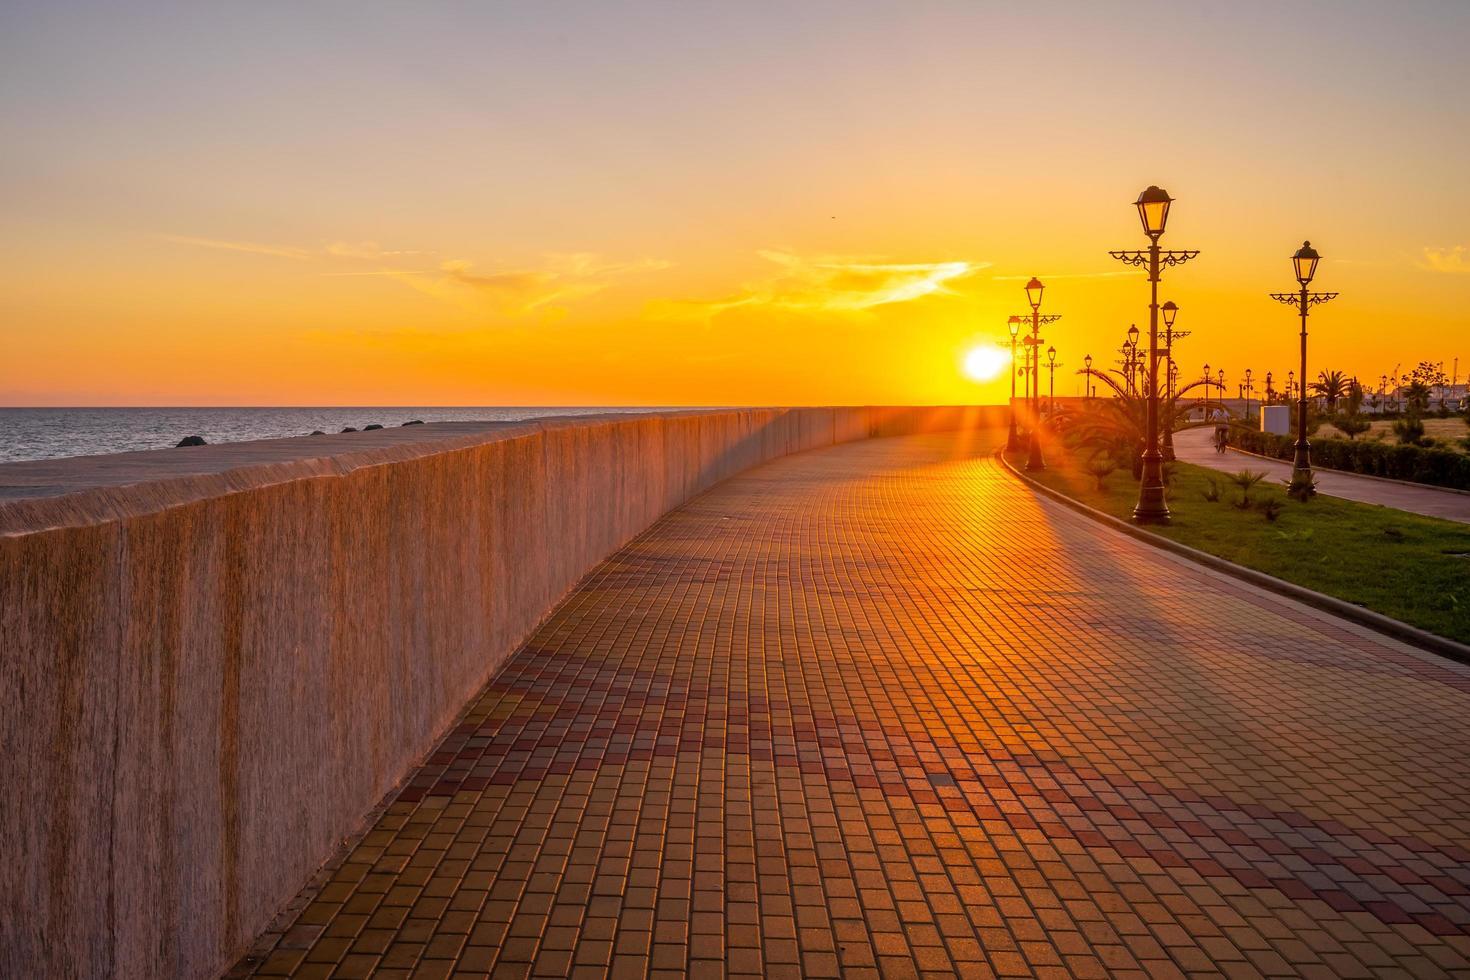 coucher de soleil sur la promenade de la station balnéaire. photo